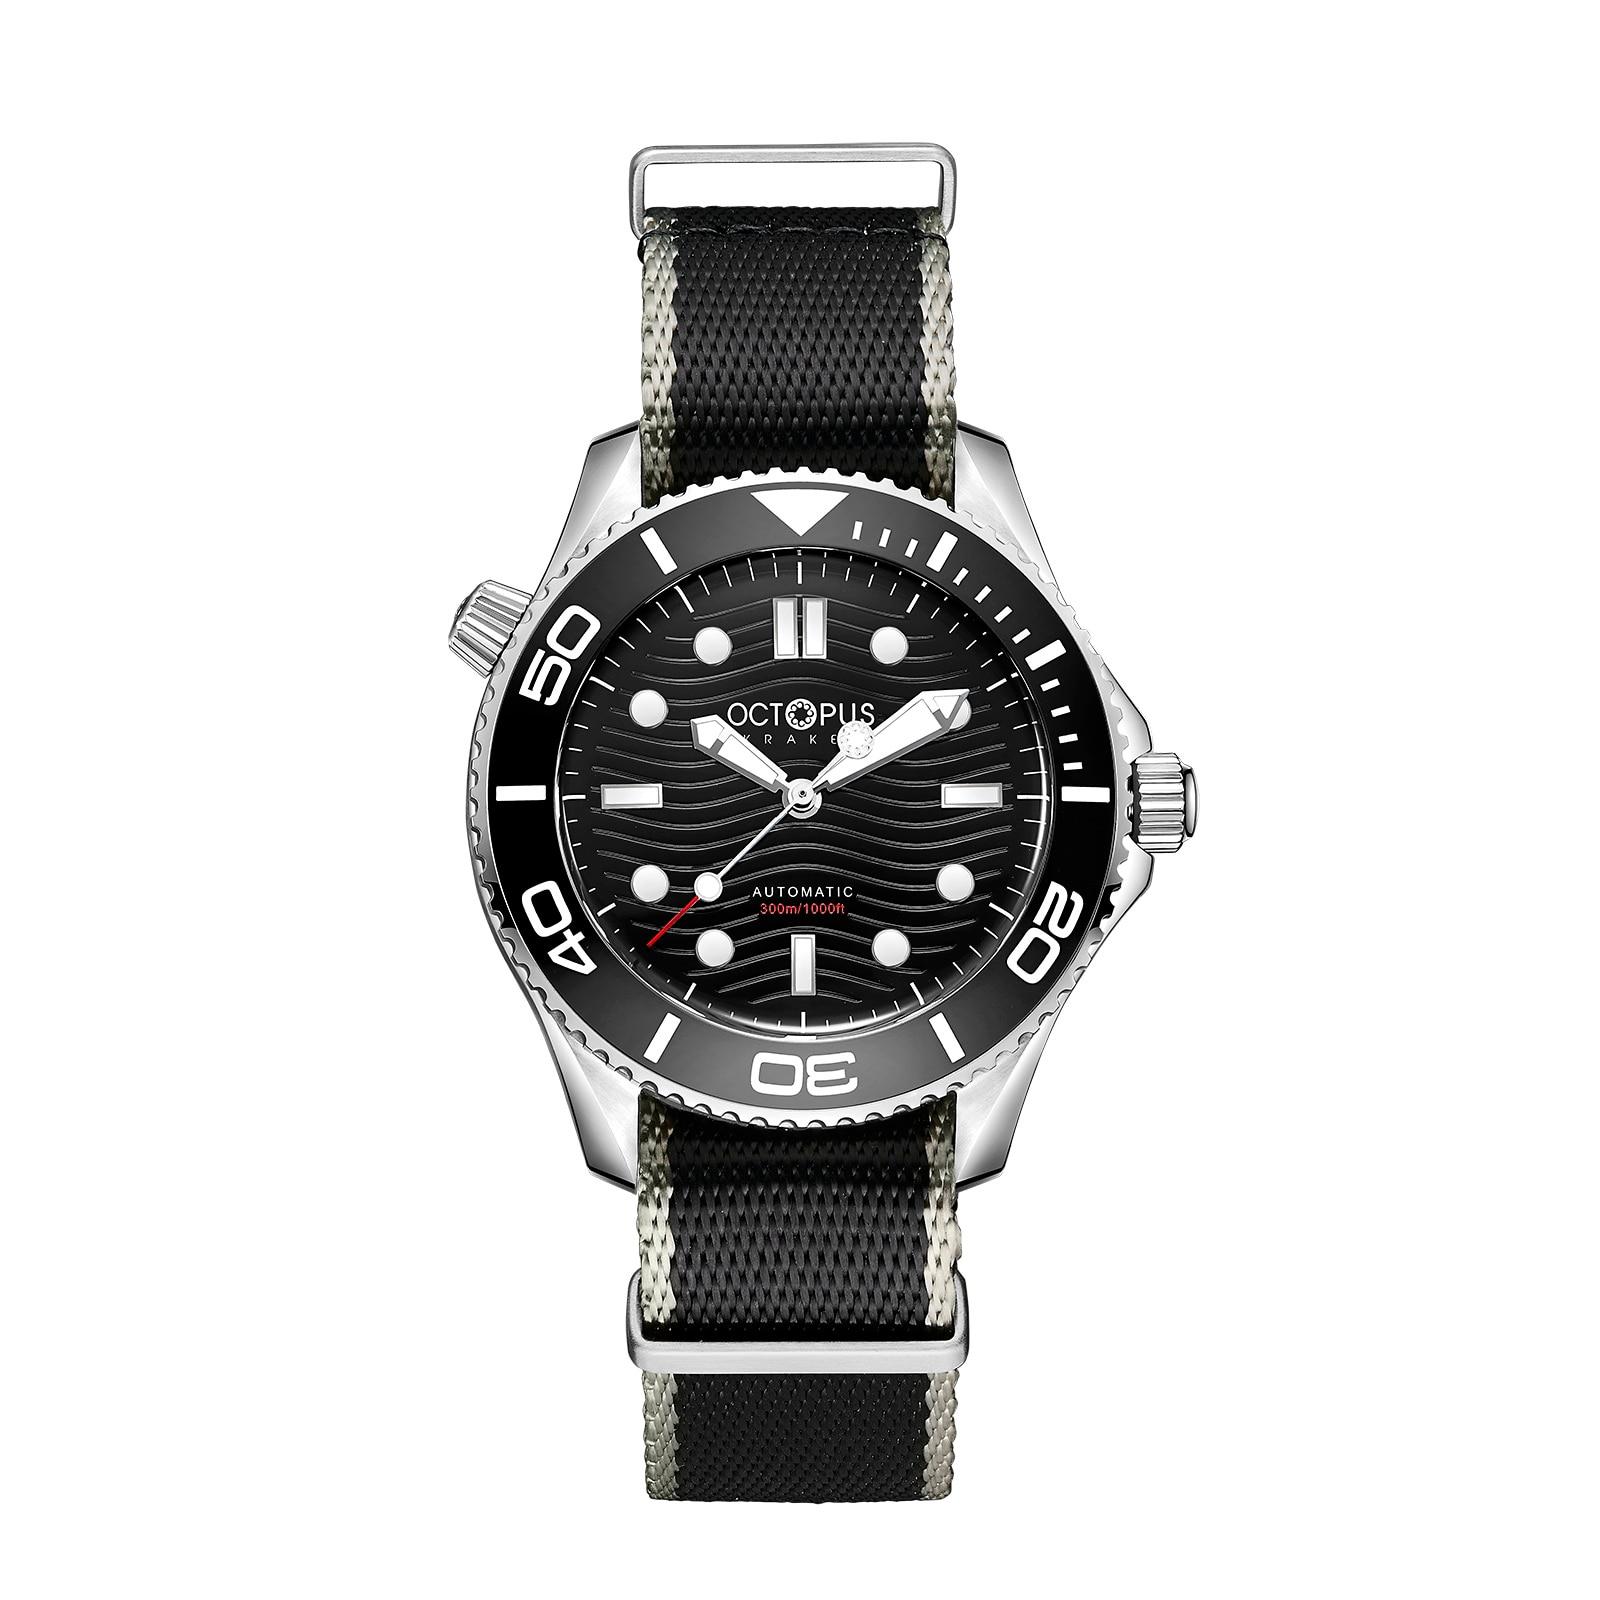 الأخطبوط رجالي ساعات أوتوماتيكية الرجال غواص ساعة عسكرية 300 متر مقاوم للماء ساعة اليد الميكانيكية C3 مضيئة PT5000 حزام نايلون